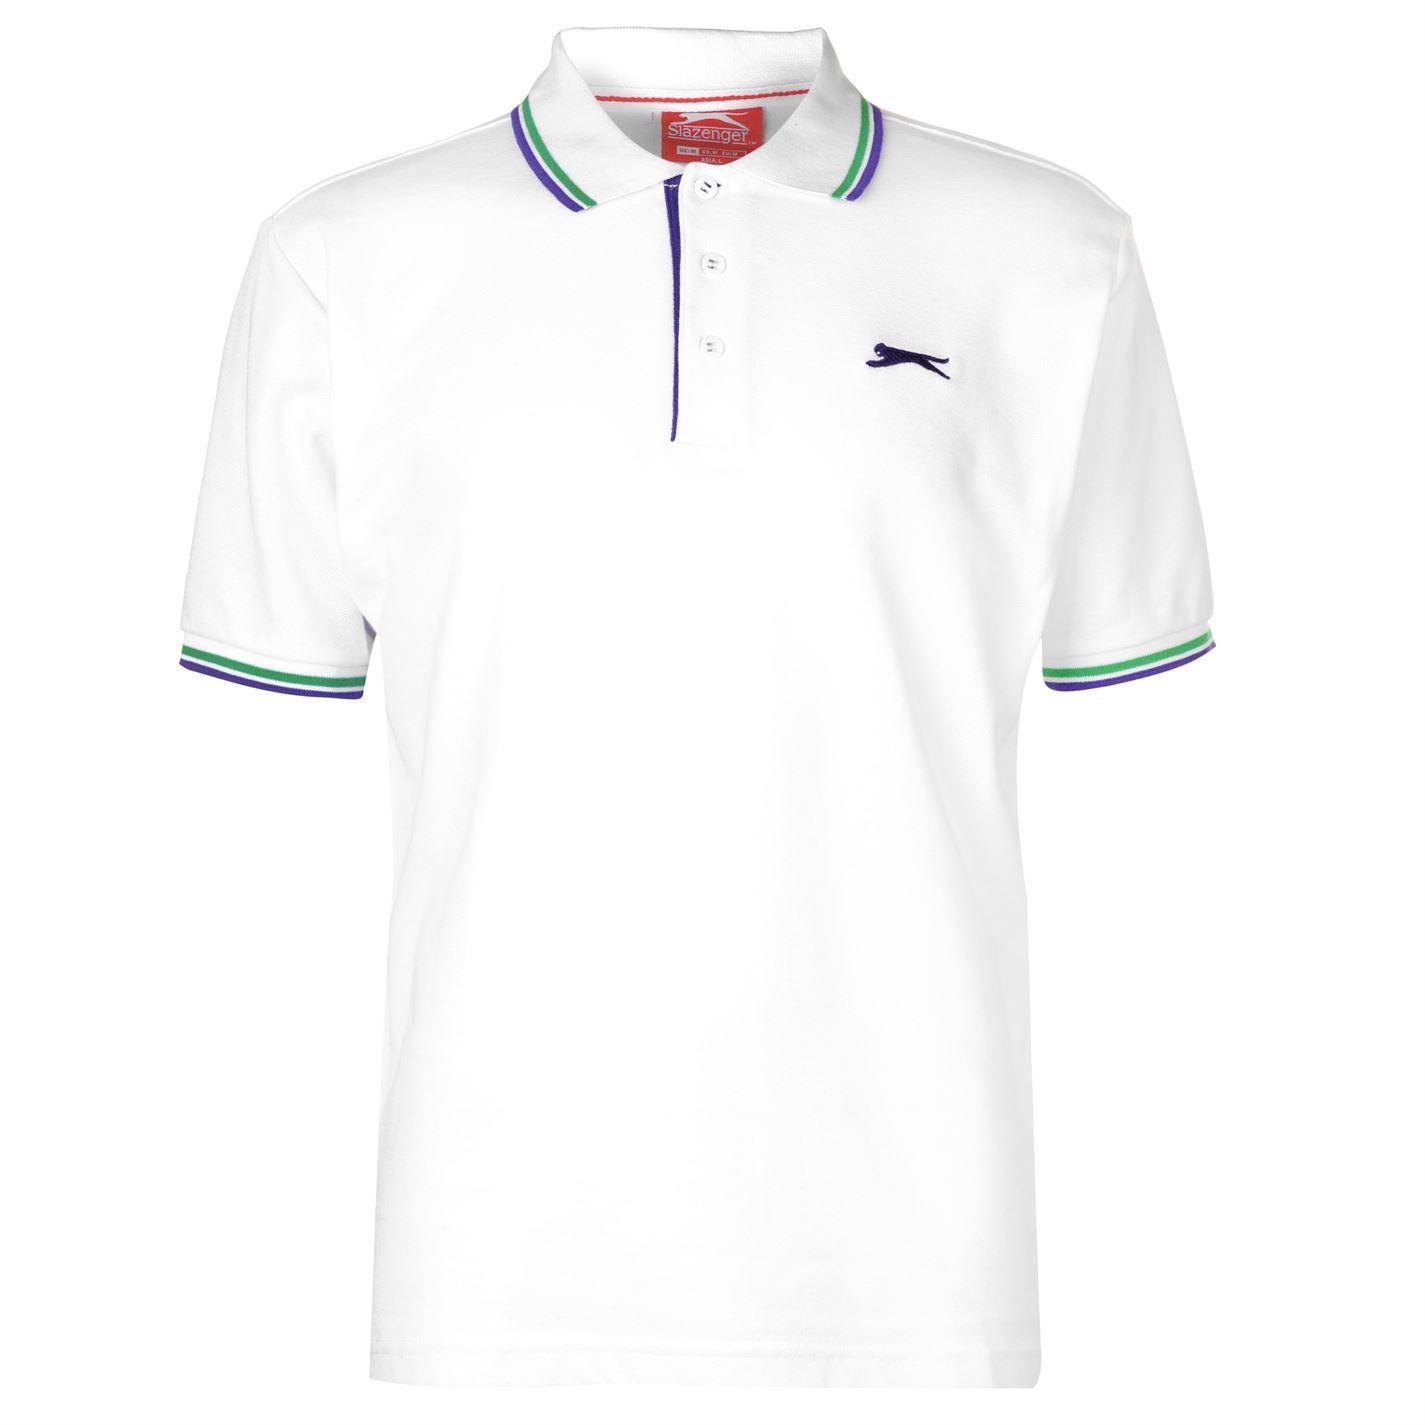 Slazenger-Polo-Camisa-de-hombre-con-cuello-con-Punta-T-Shirt-Top-Camiseta-Tee miniatura 91